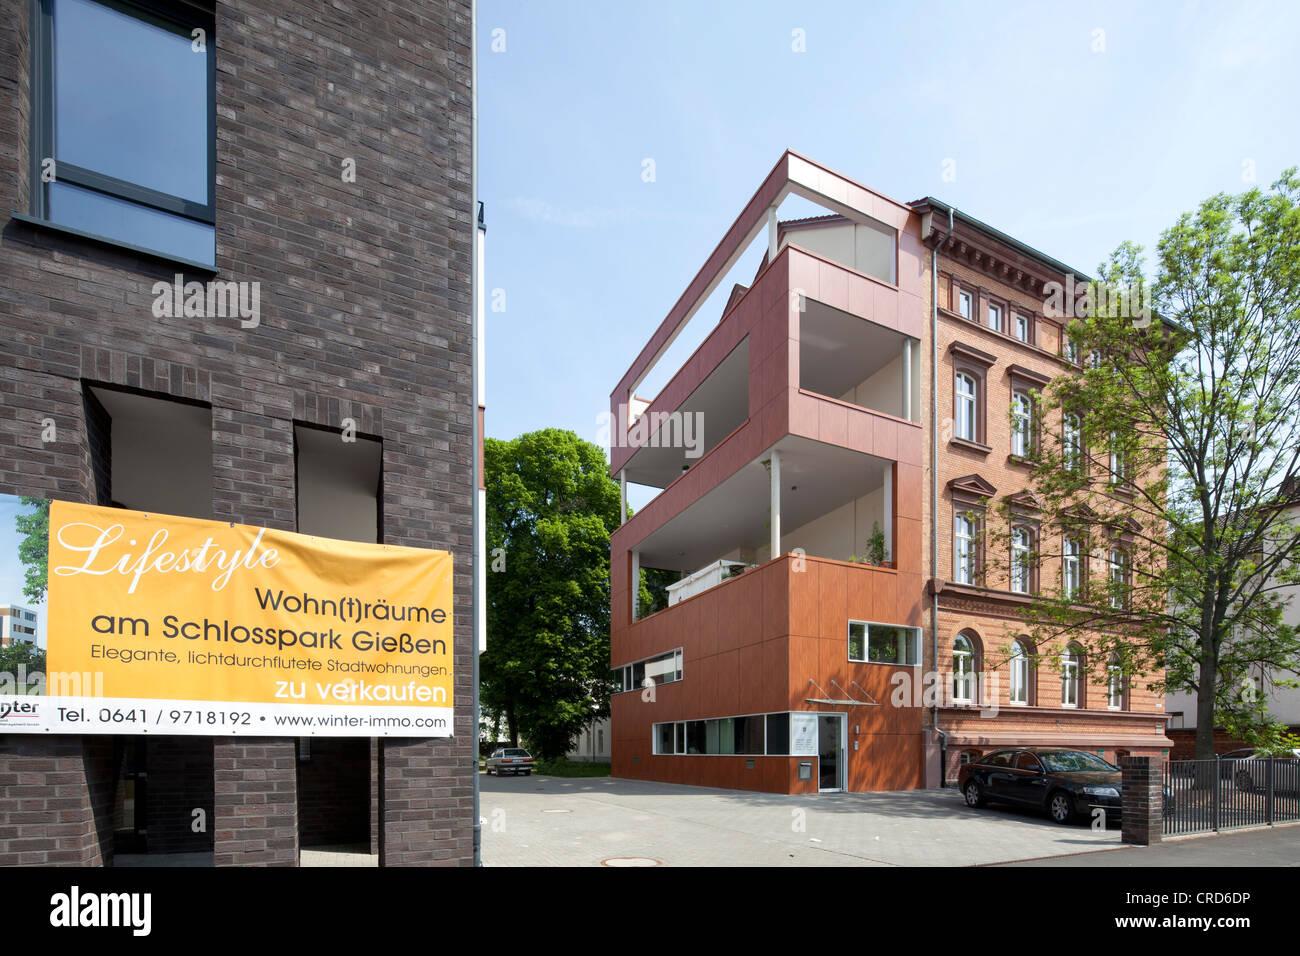 Edificio residenziale, la costruzione di uffici, architettura contemporanea, Giessen, Hesse, Germania, Europa PublicGround Immagini Stock